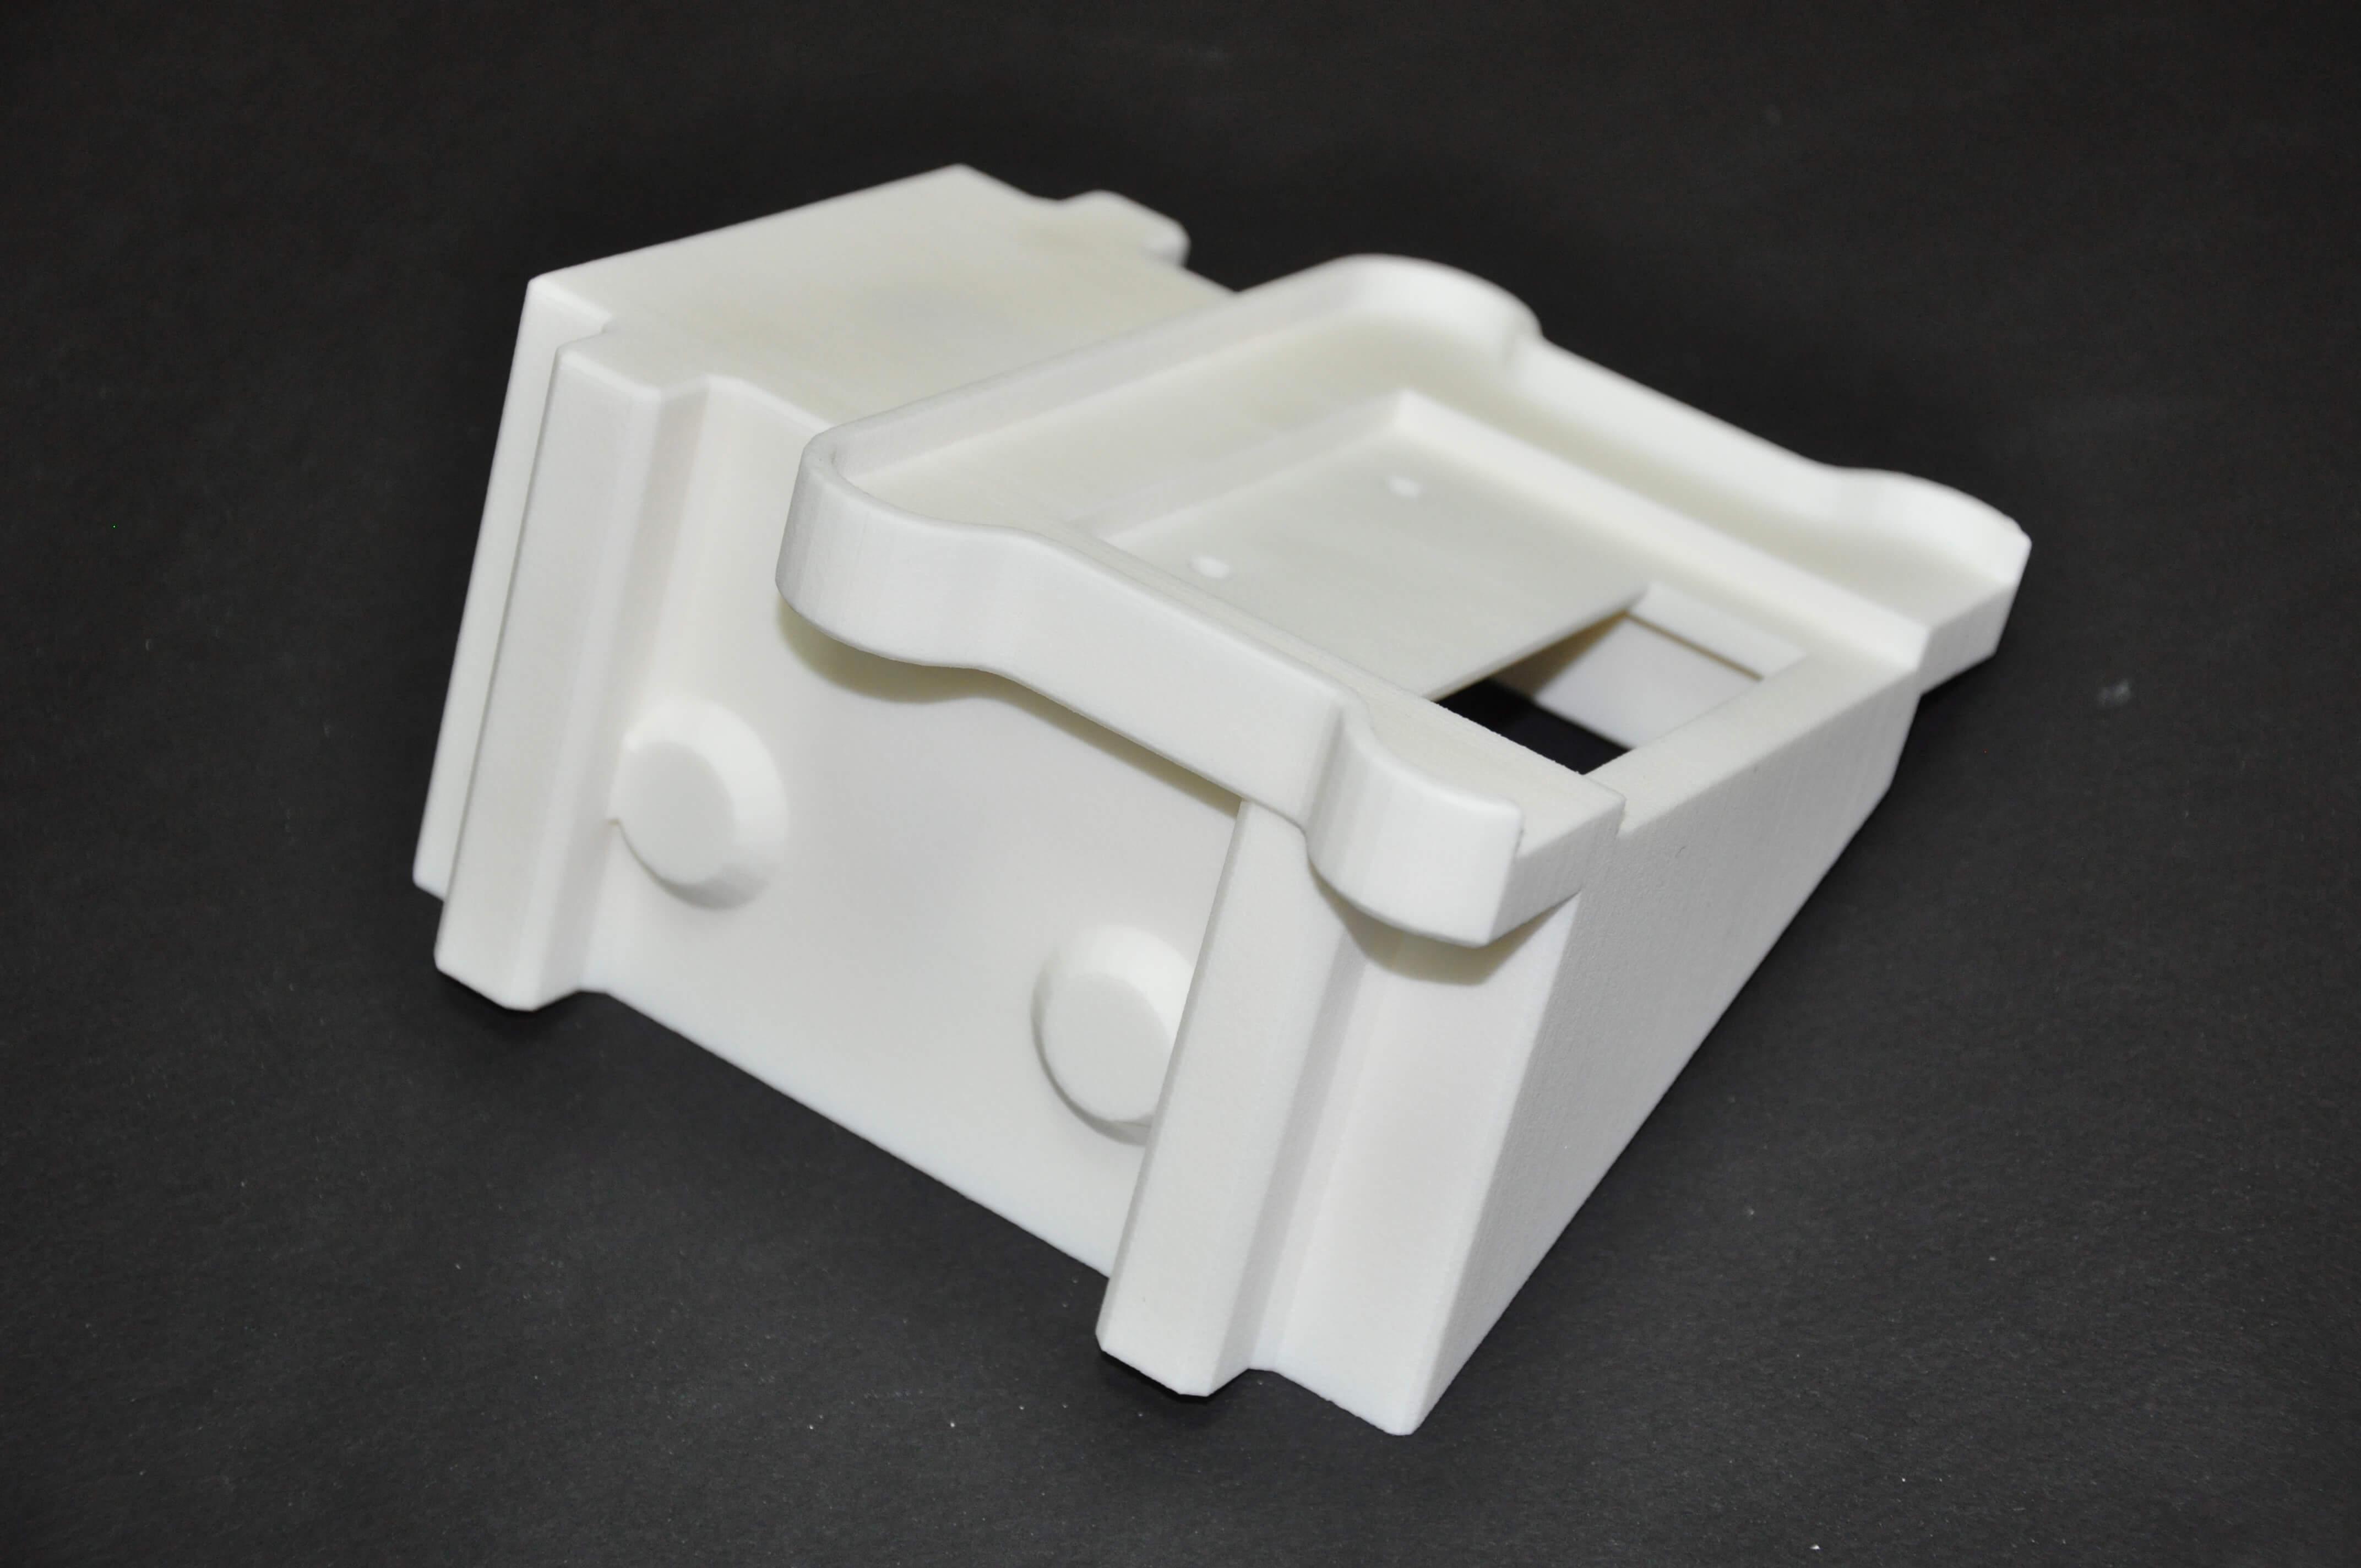 Изготовление серии деталей из полиуретана с помощью 3D-печати и технологии вакуумного литья в силикон